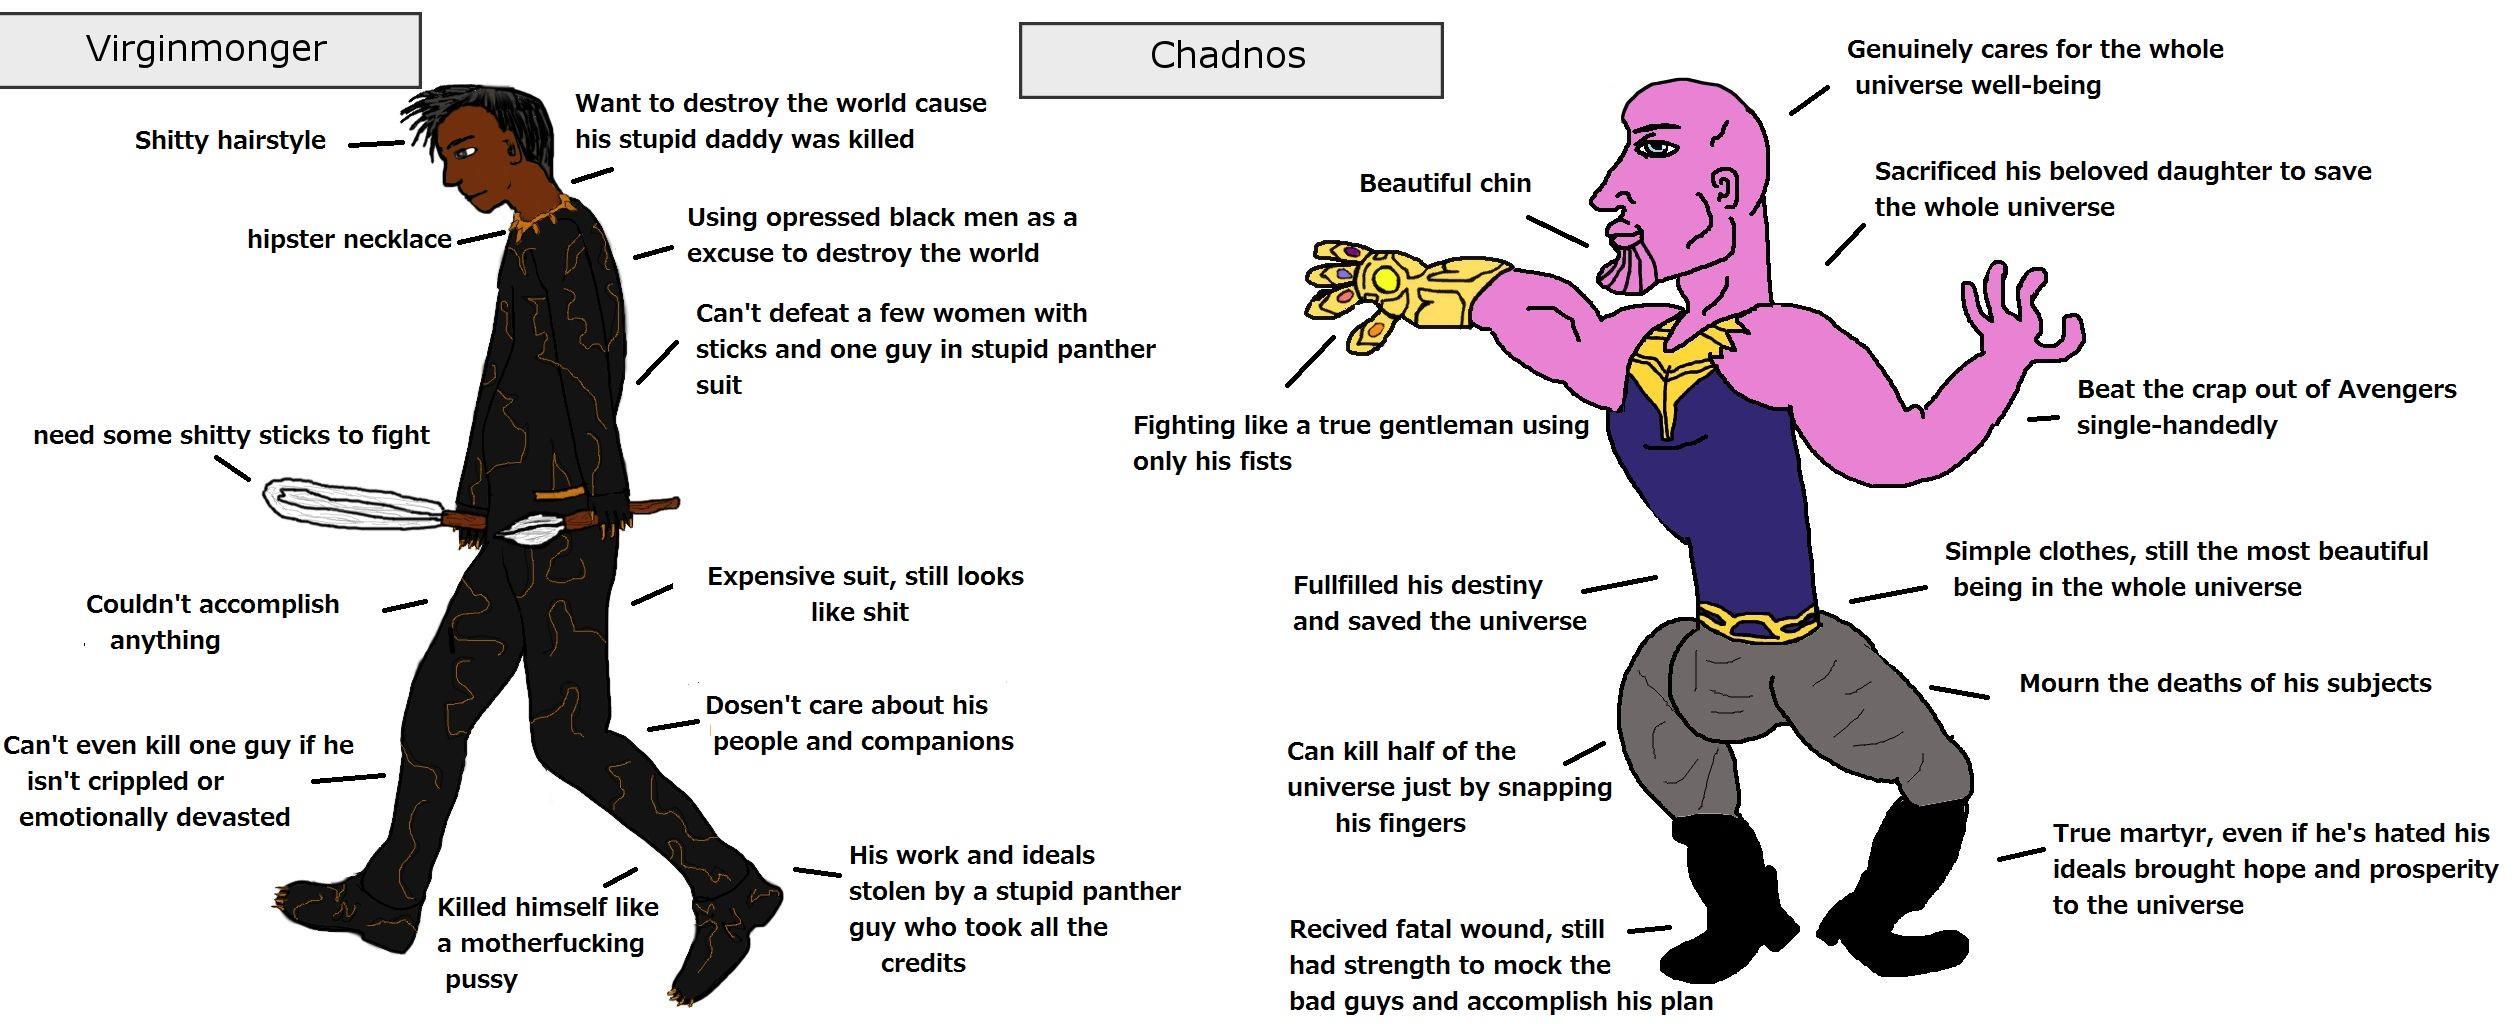 Virginmonger vs Chadnos   Virgin vs. Chad   Know Your Meme